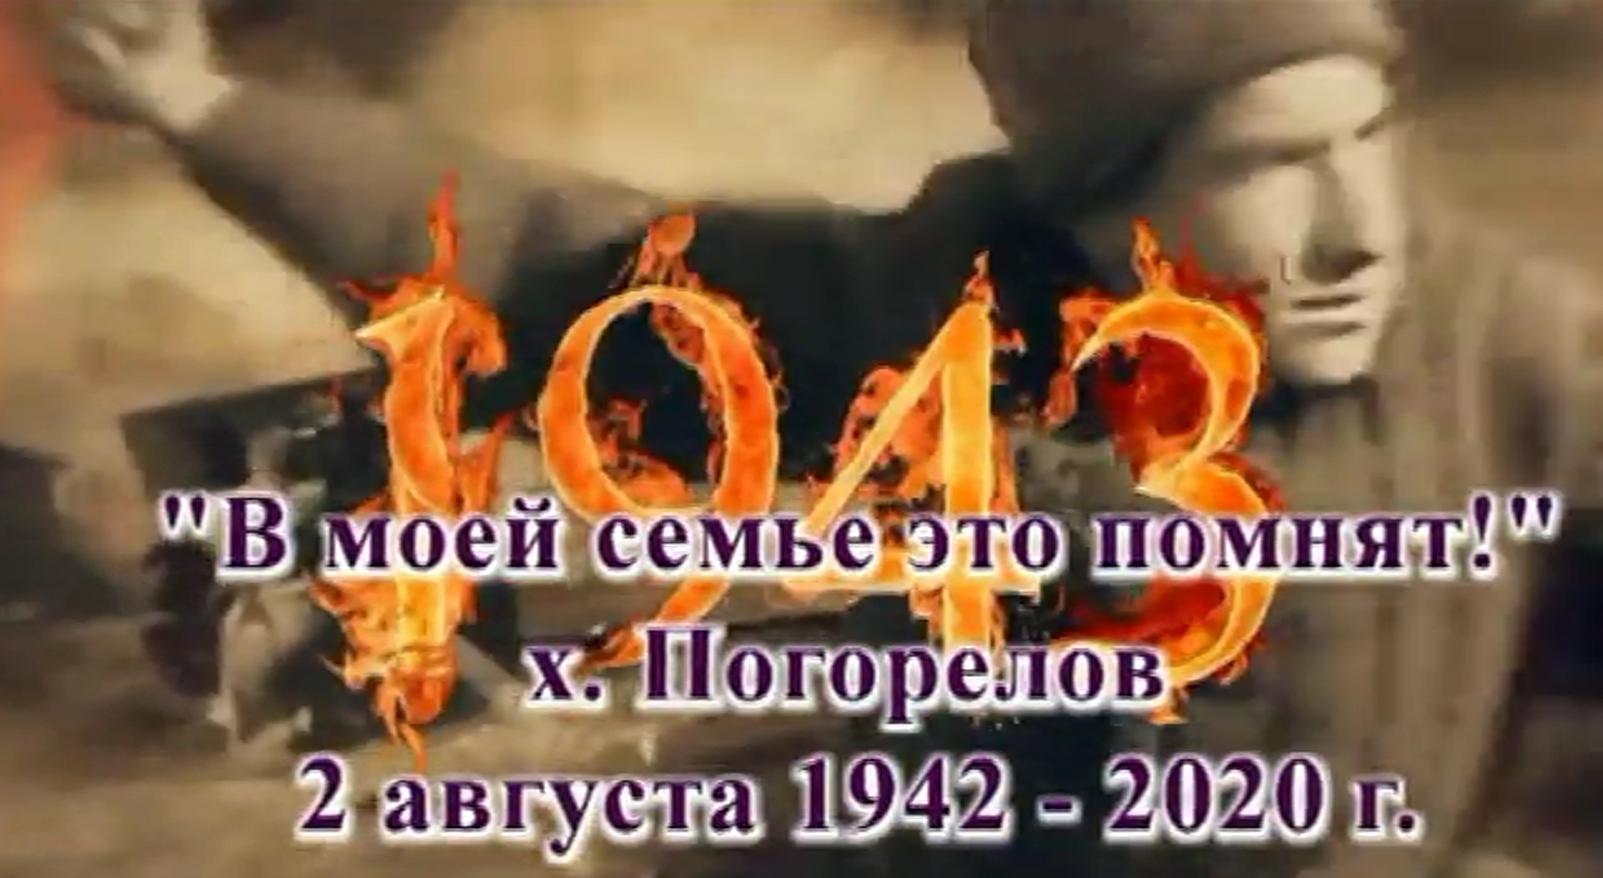 «В моей семье это помнят!», х. Погорелов. 2 августа 1942-2020 г.